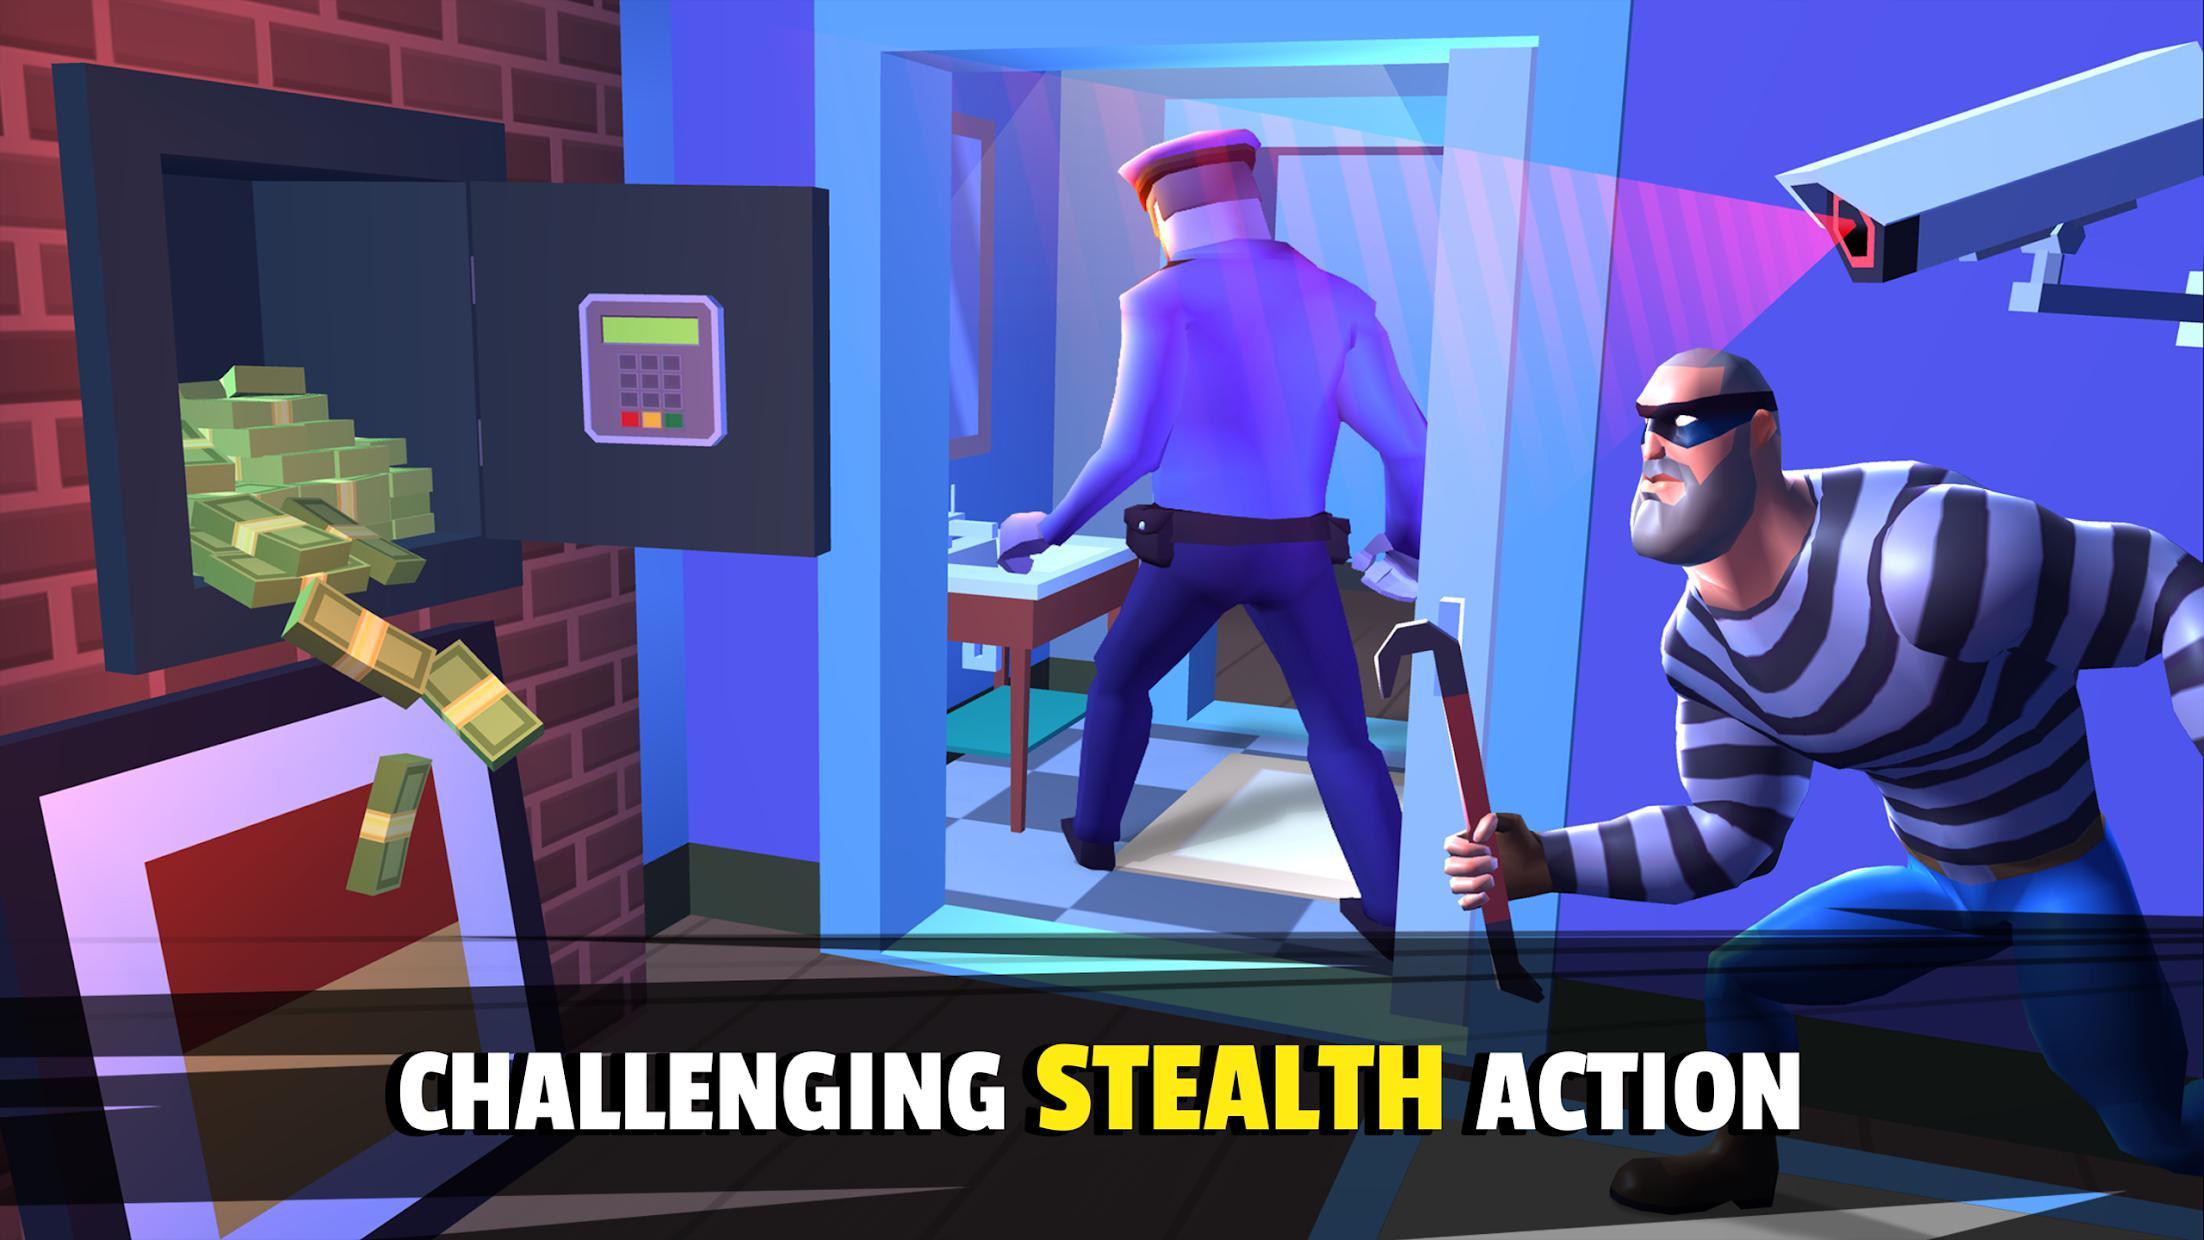 盗贼模拟器 游戏截图3